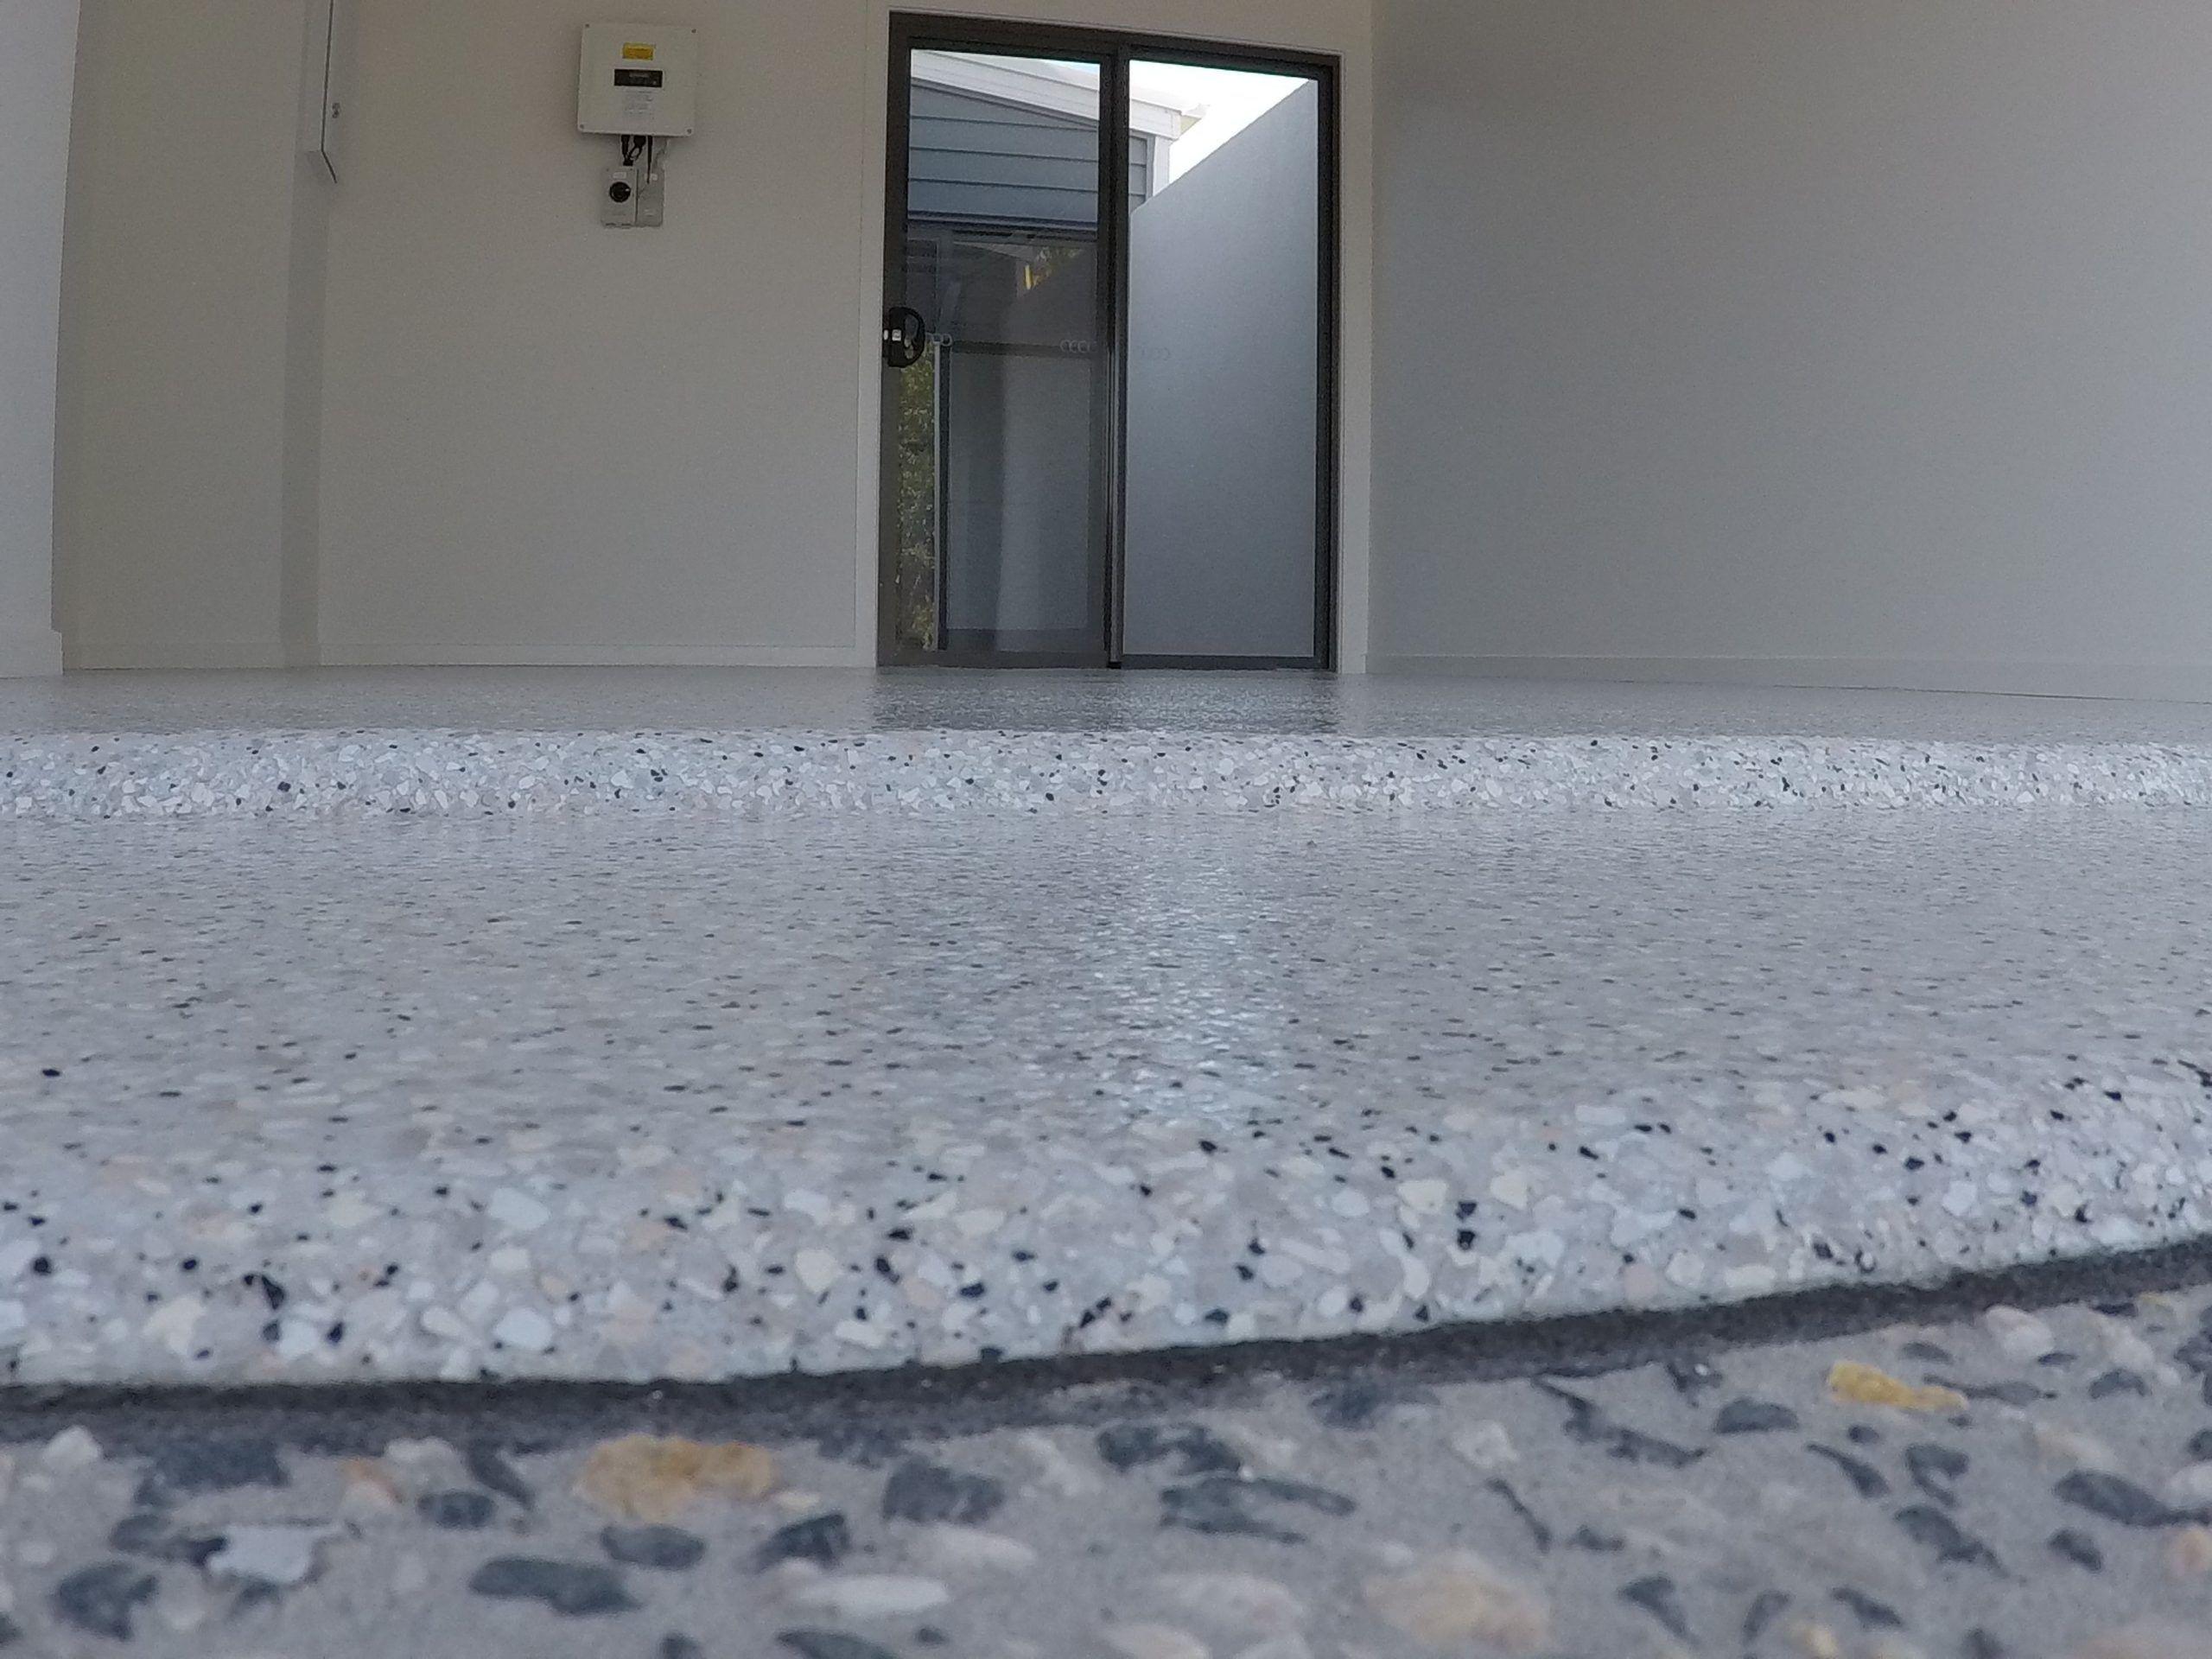 Burpengary Epoxy Flooring Von The Garage Floor Co Besuchen Sie Burpengary Dieses Besuchen Burpengary Dieses Epoxy Floor In 2020 Epoxit Boden Garage Bodenbelag